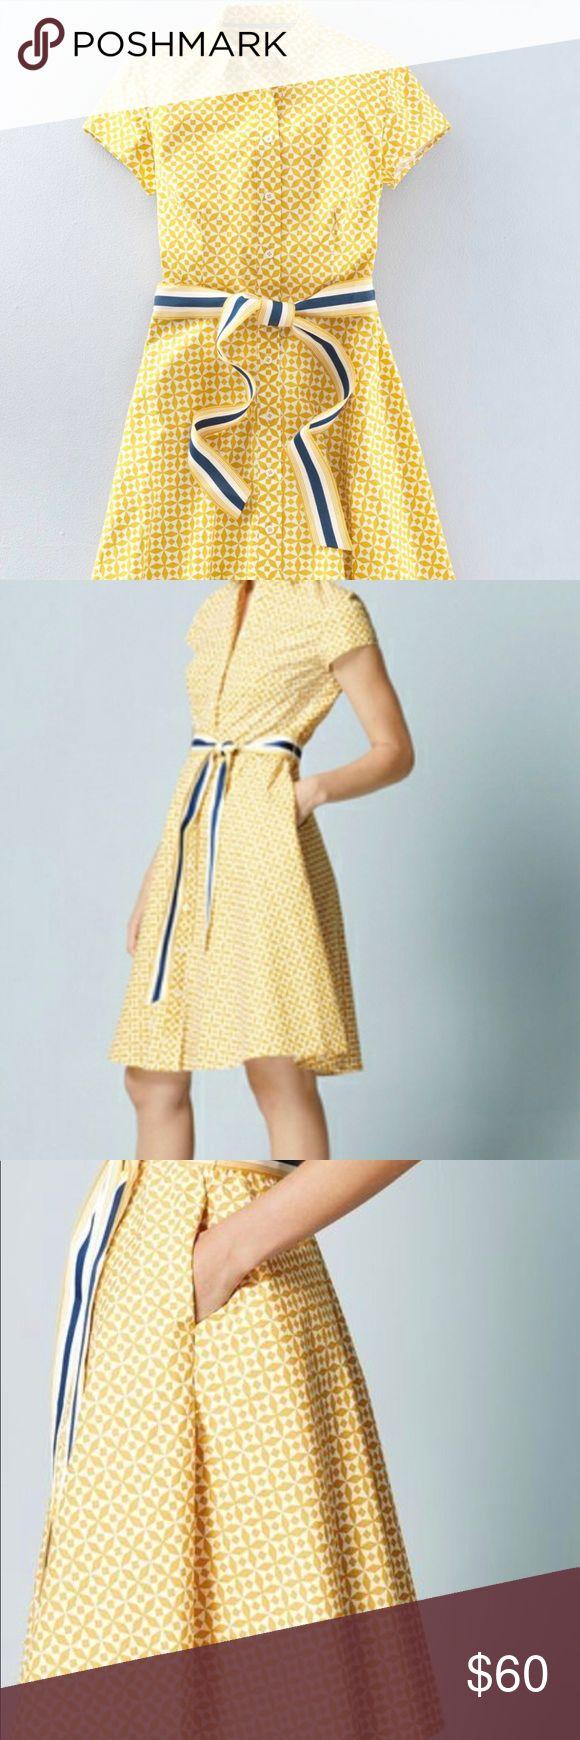 🌻🍭🍭🍭🎉Boden Sophia Shirt Dress Day At Boden Boden Sophia Shirt Dre…